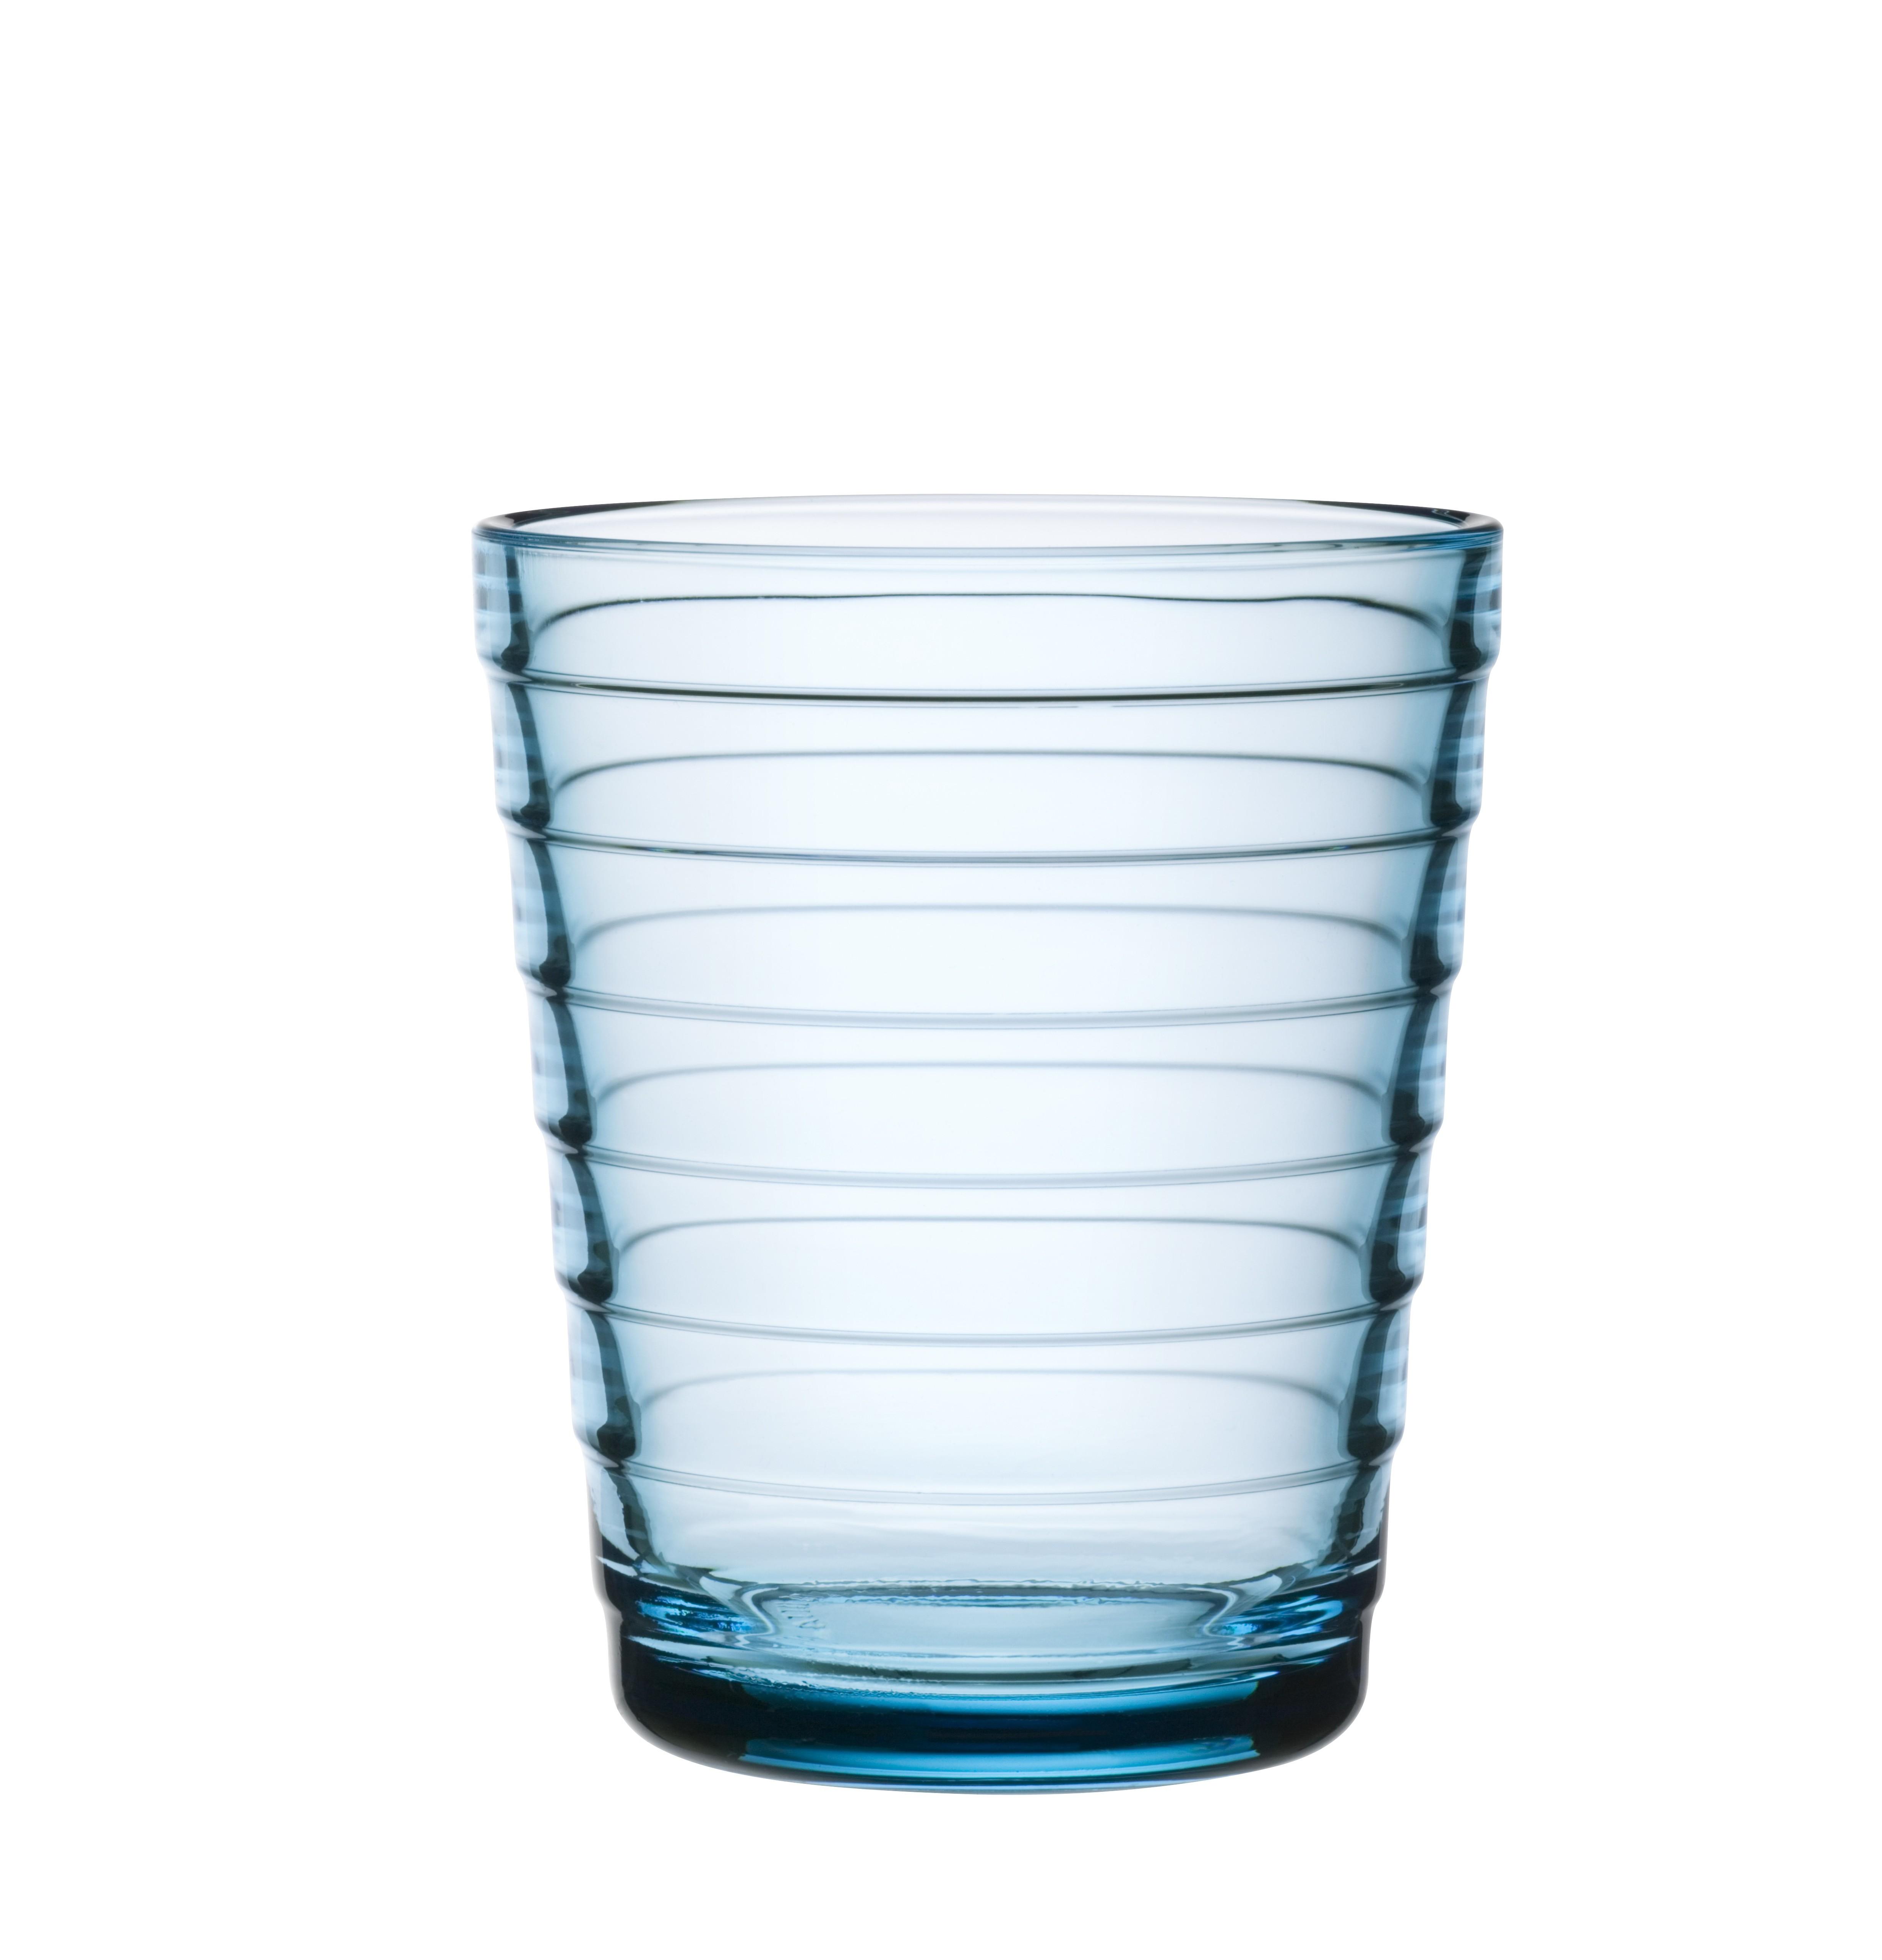 Стакан Aino Aalto (2 шт)Стаканы<br>Простота, компактность хранения и универсальность – ключеные характеристики посуды серии Aino Aalto. Этот необычный дизайн раскрывает всю красоту разводов на воде от упавшего камешка. Дизайн не менялся с 1932 года.<br><br>Material: Фарфор<br>Length см: 9<br>Width см: 15<br>Depth см: None<br>Height см: 8<br>Diameter см: None